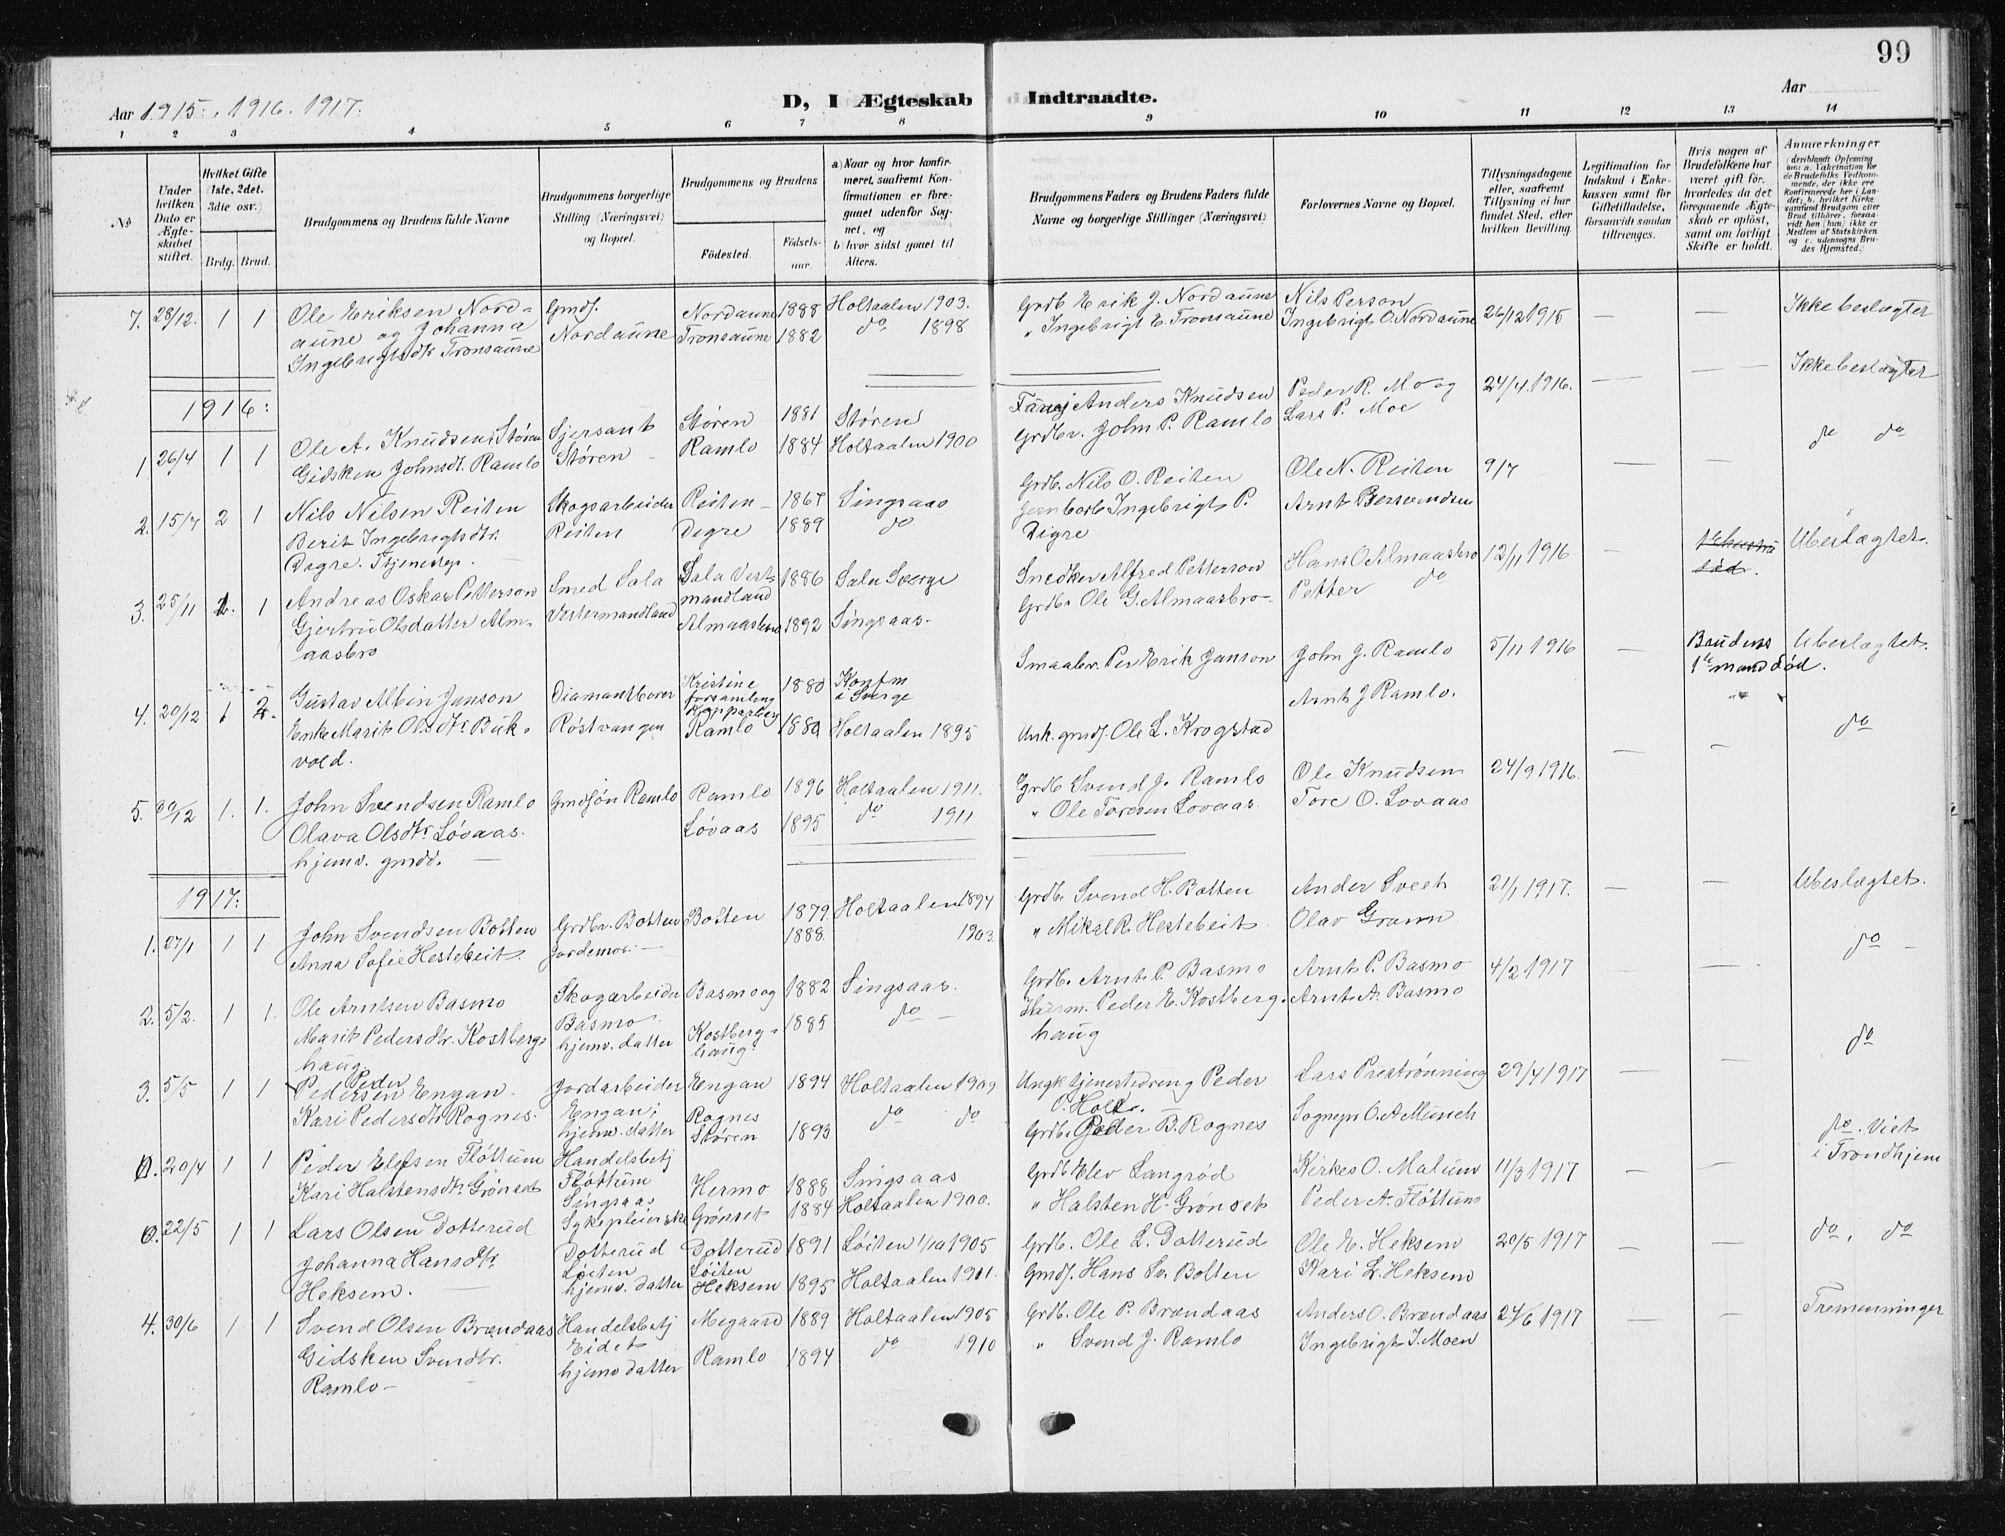 SAT, Ministerialprotokoller, klokkerbøker og fødselsregistre - Sør-Trøndelag, 685/L0979: Klokkerbok nr. 685C04, 1908-1933, s. 99